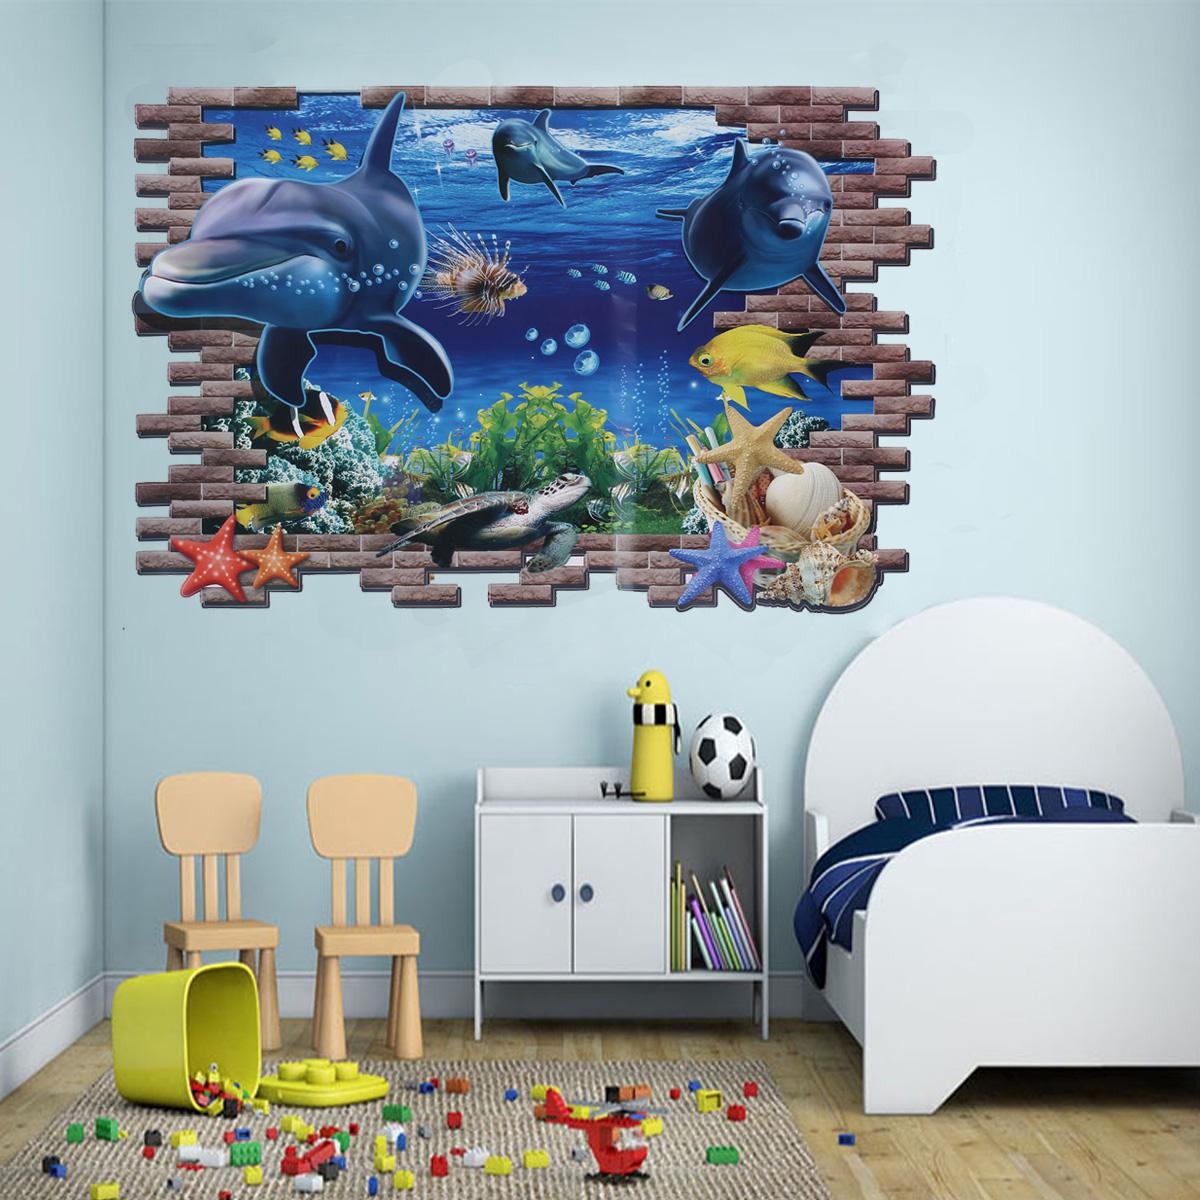 wandtattoo fische meer prinsenvanderaa. Black Bedroom Furniture Sets. Home Design Ideas